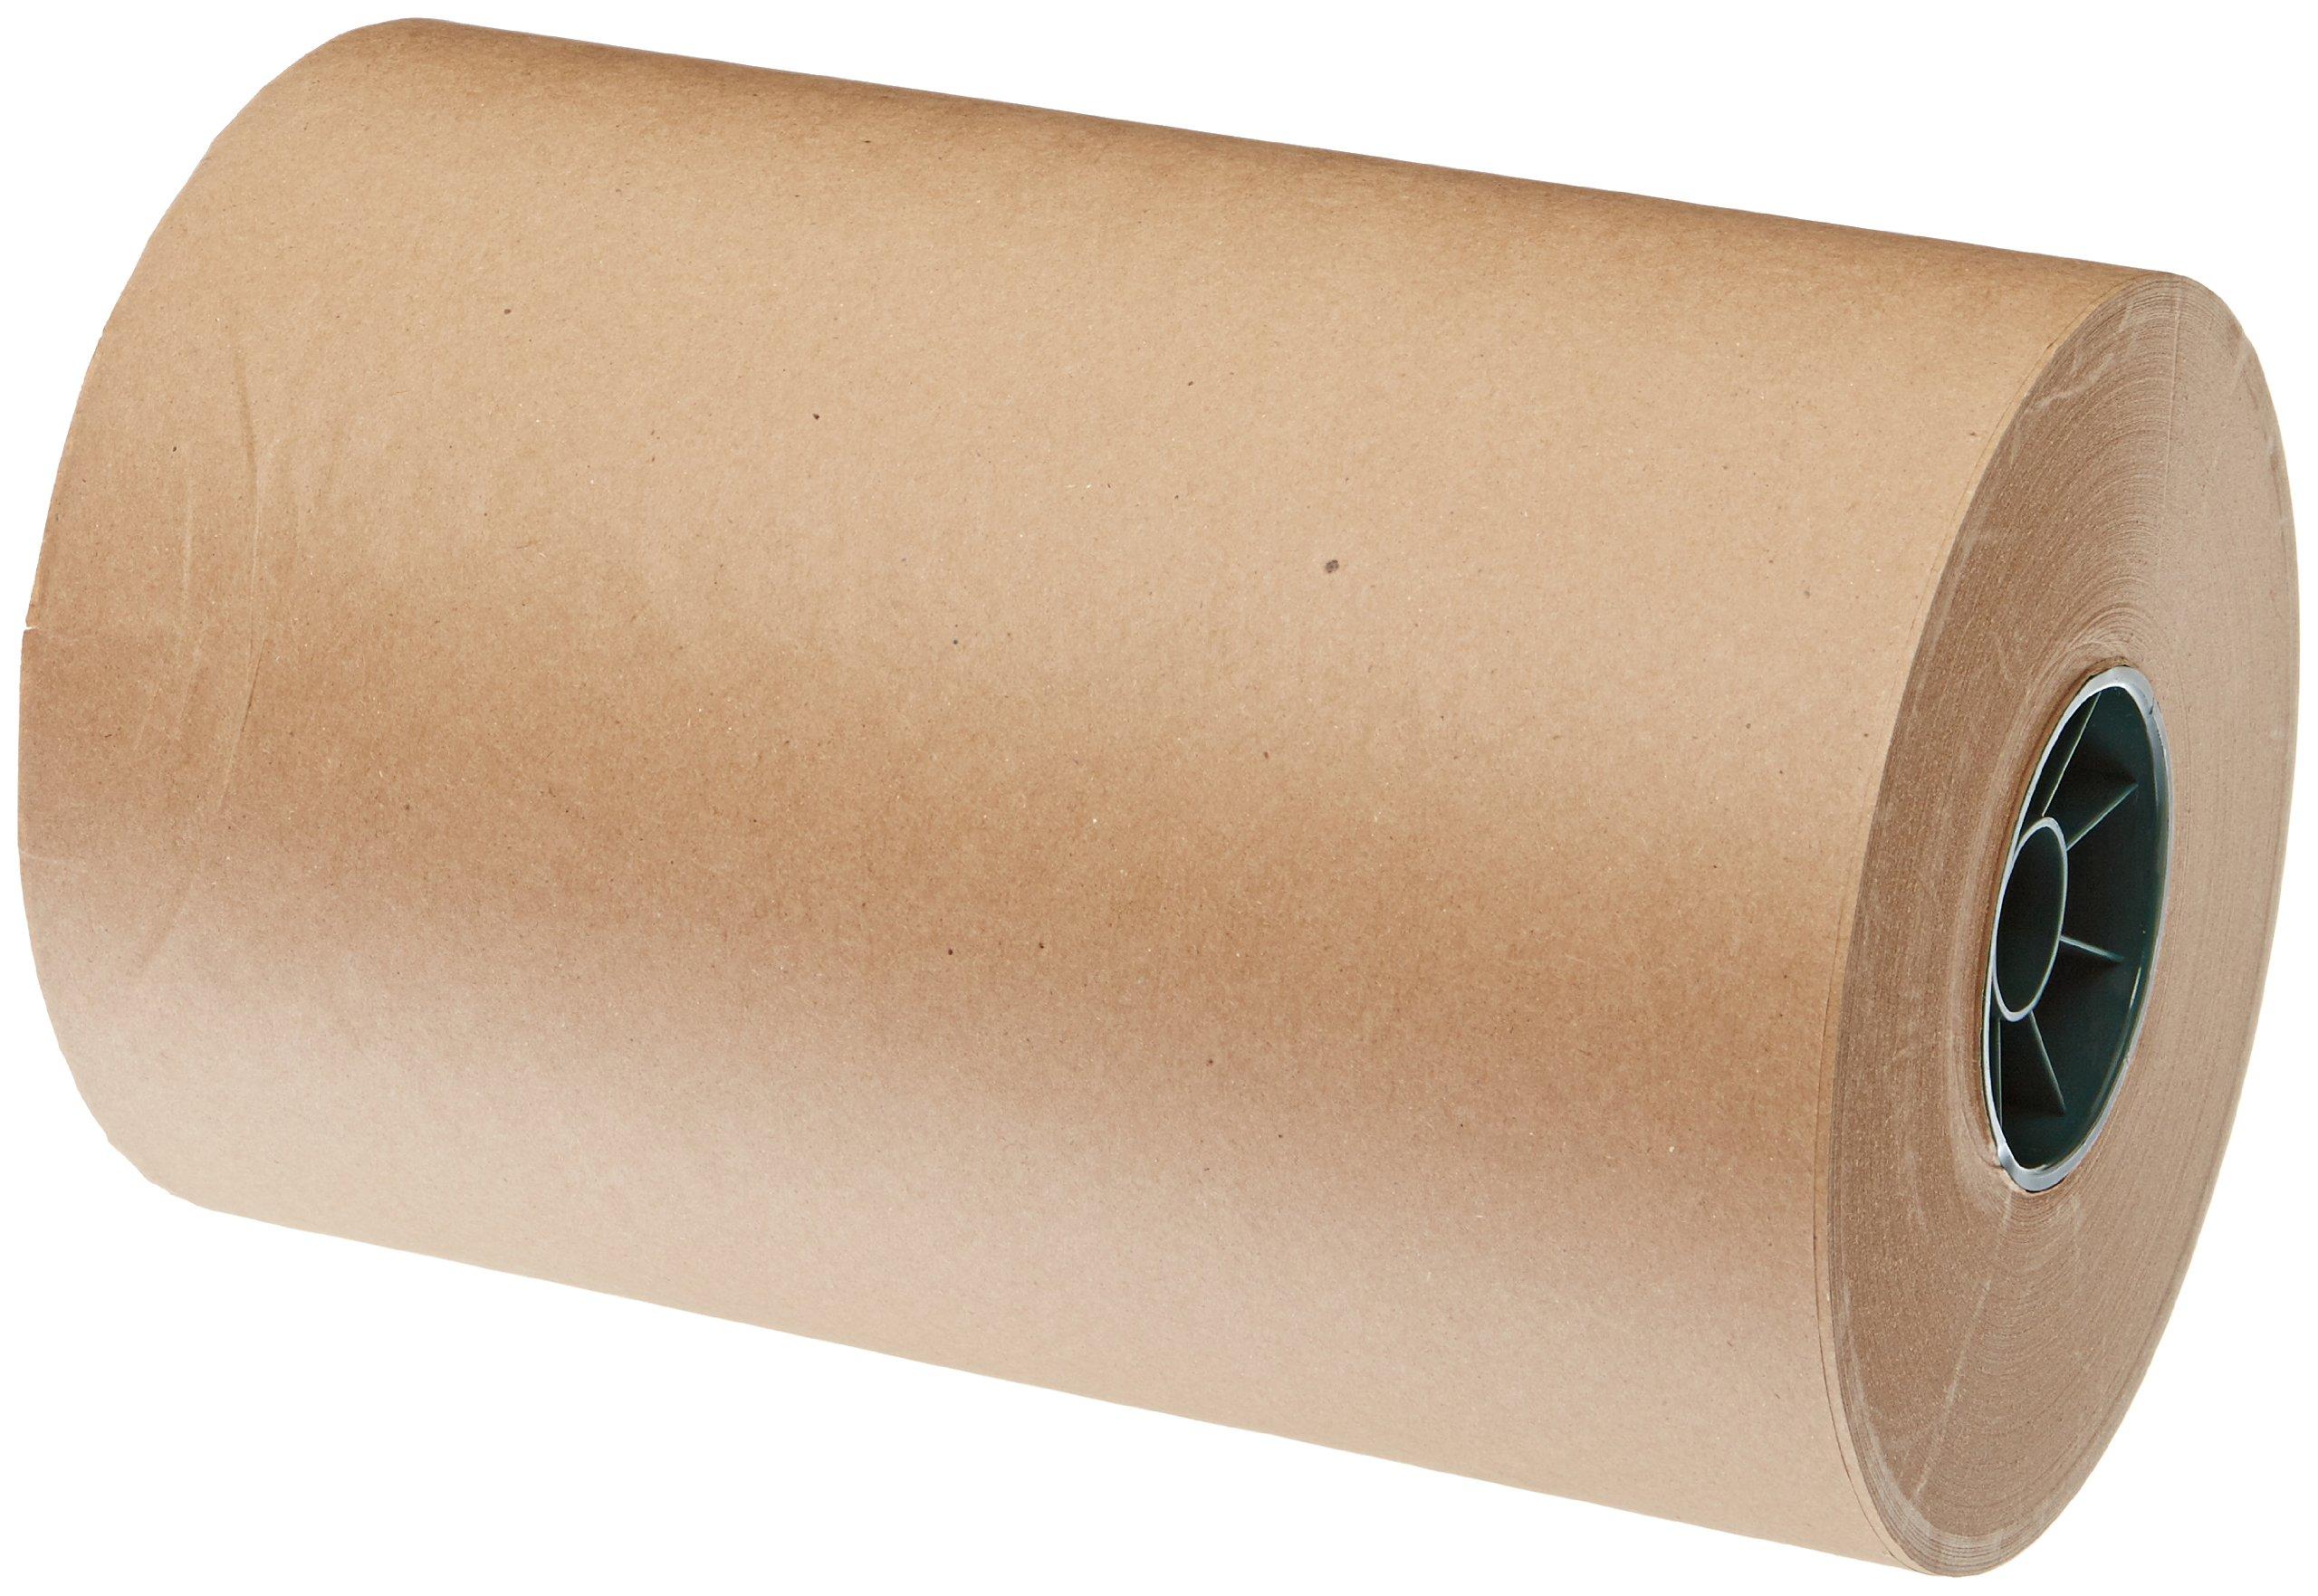 Aviditi 100% Recycled Fiber Paper Roll, 900' L x 12'' W, Kraft (KP1240)